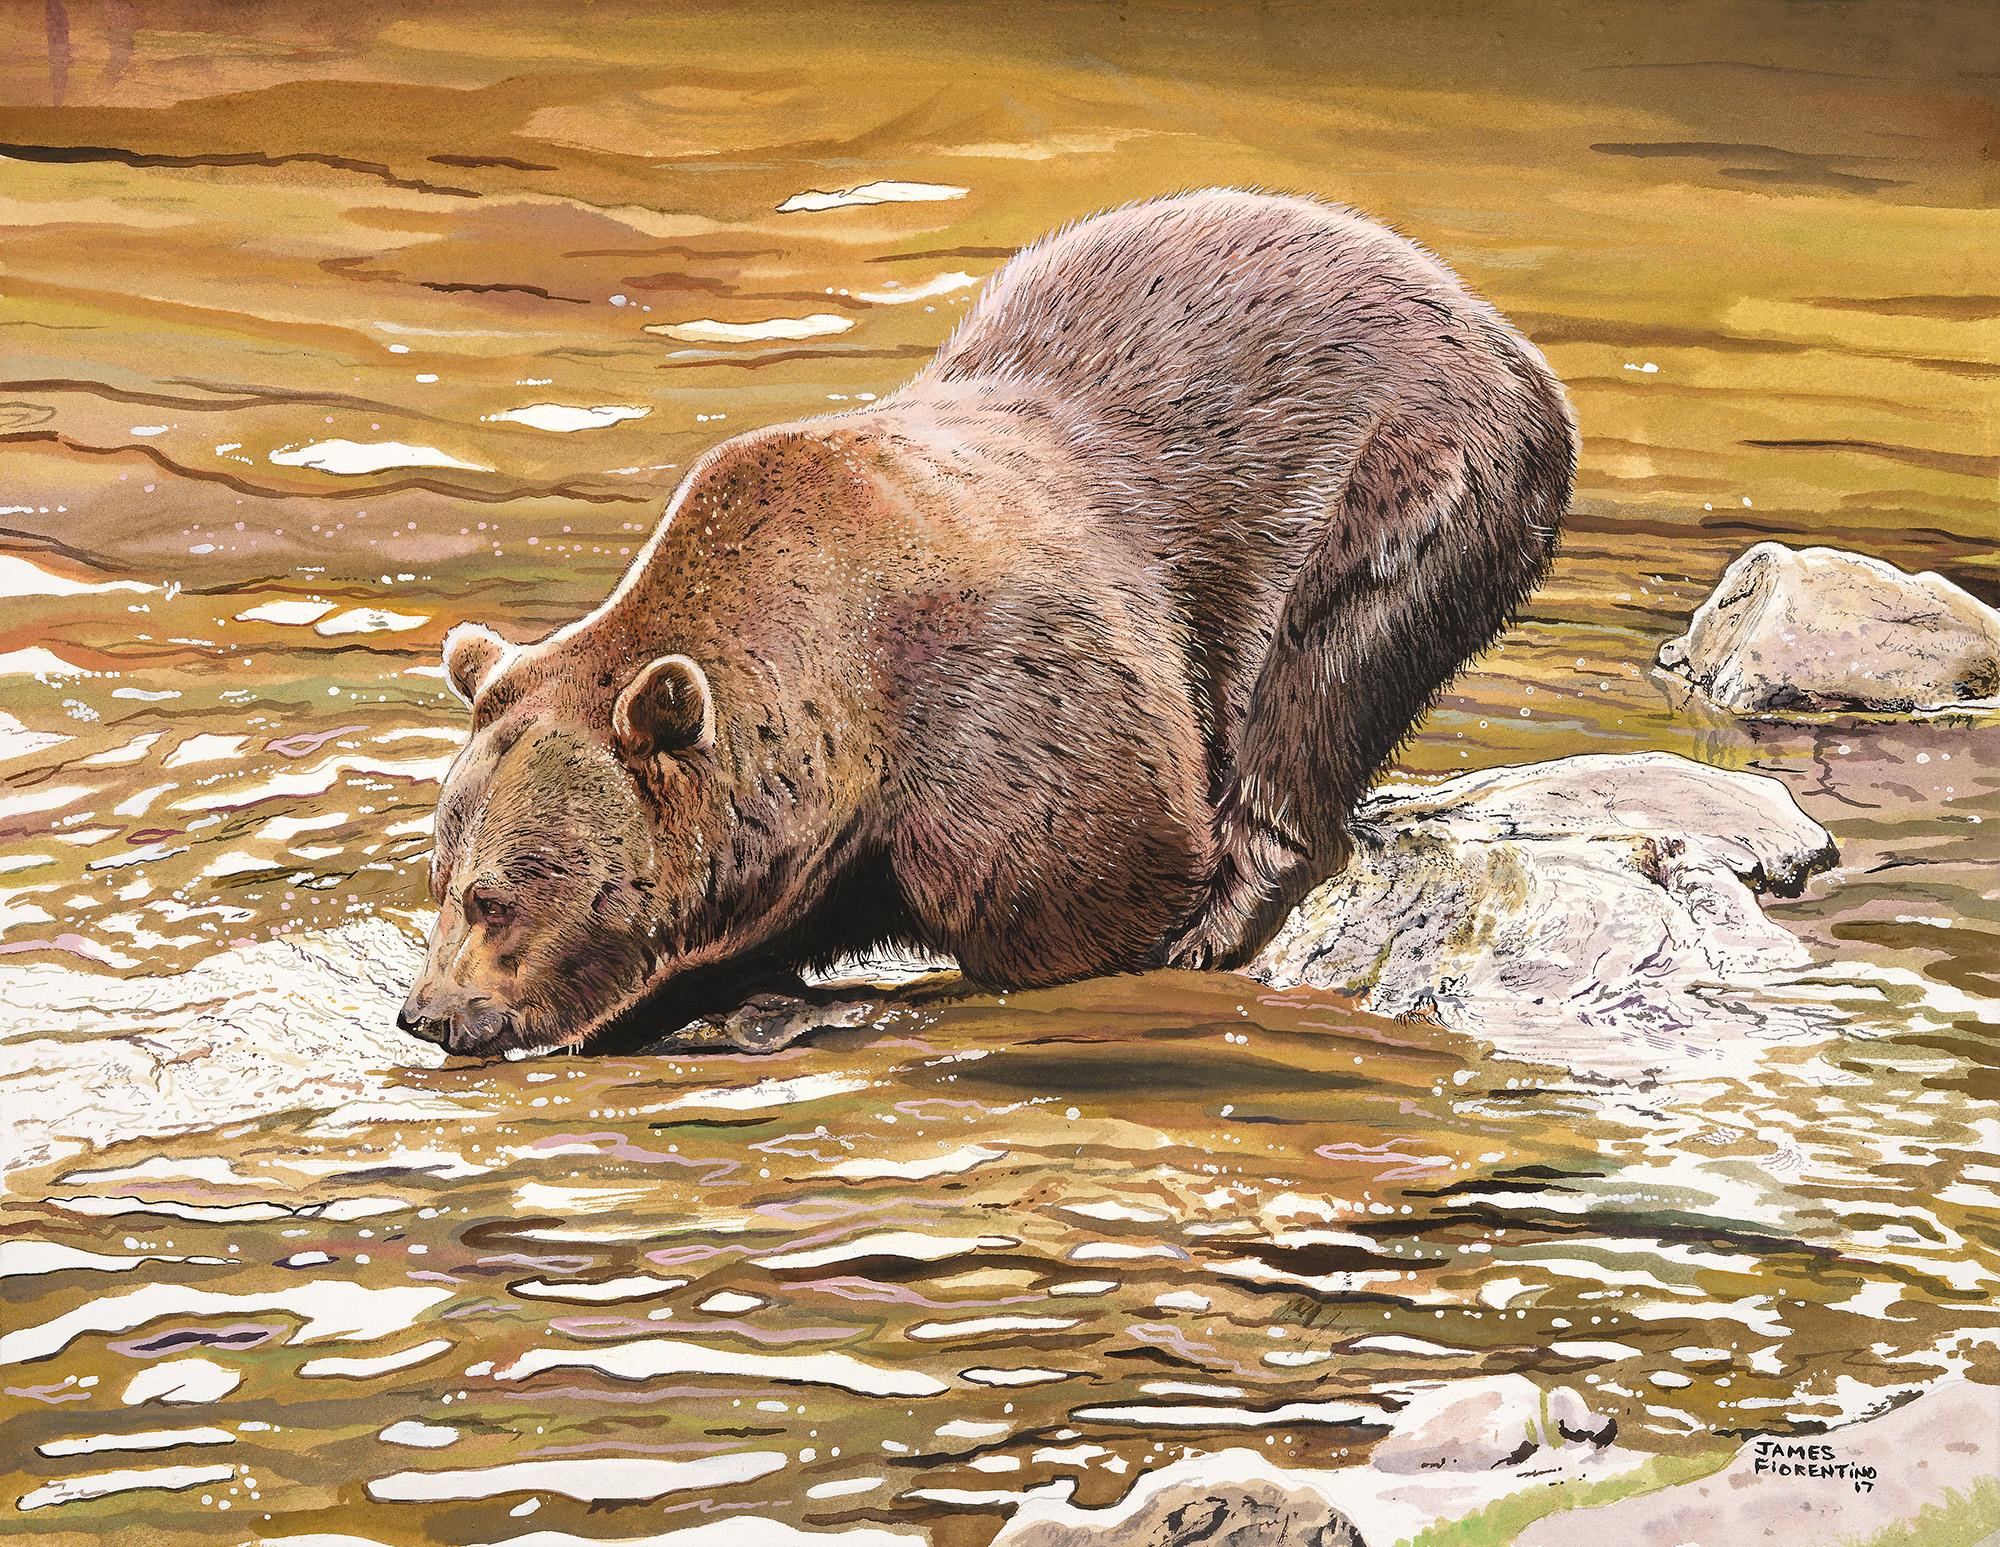 Fiorentino_James_1_Brown_Bear_Fishing.jpg